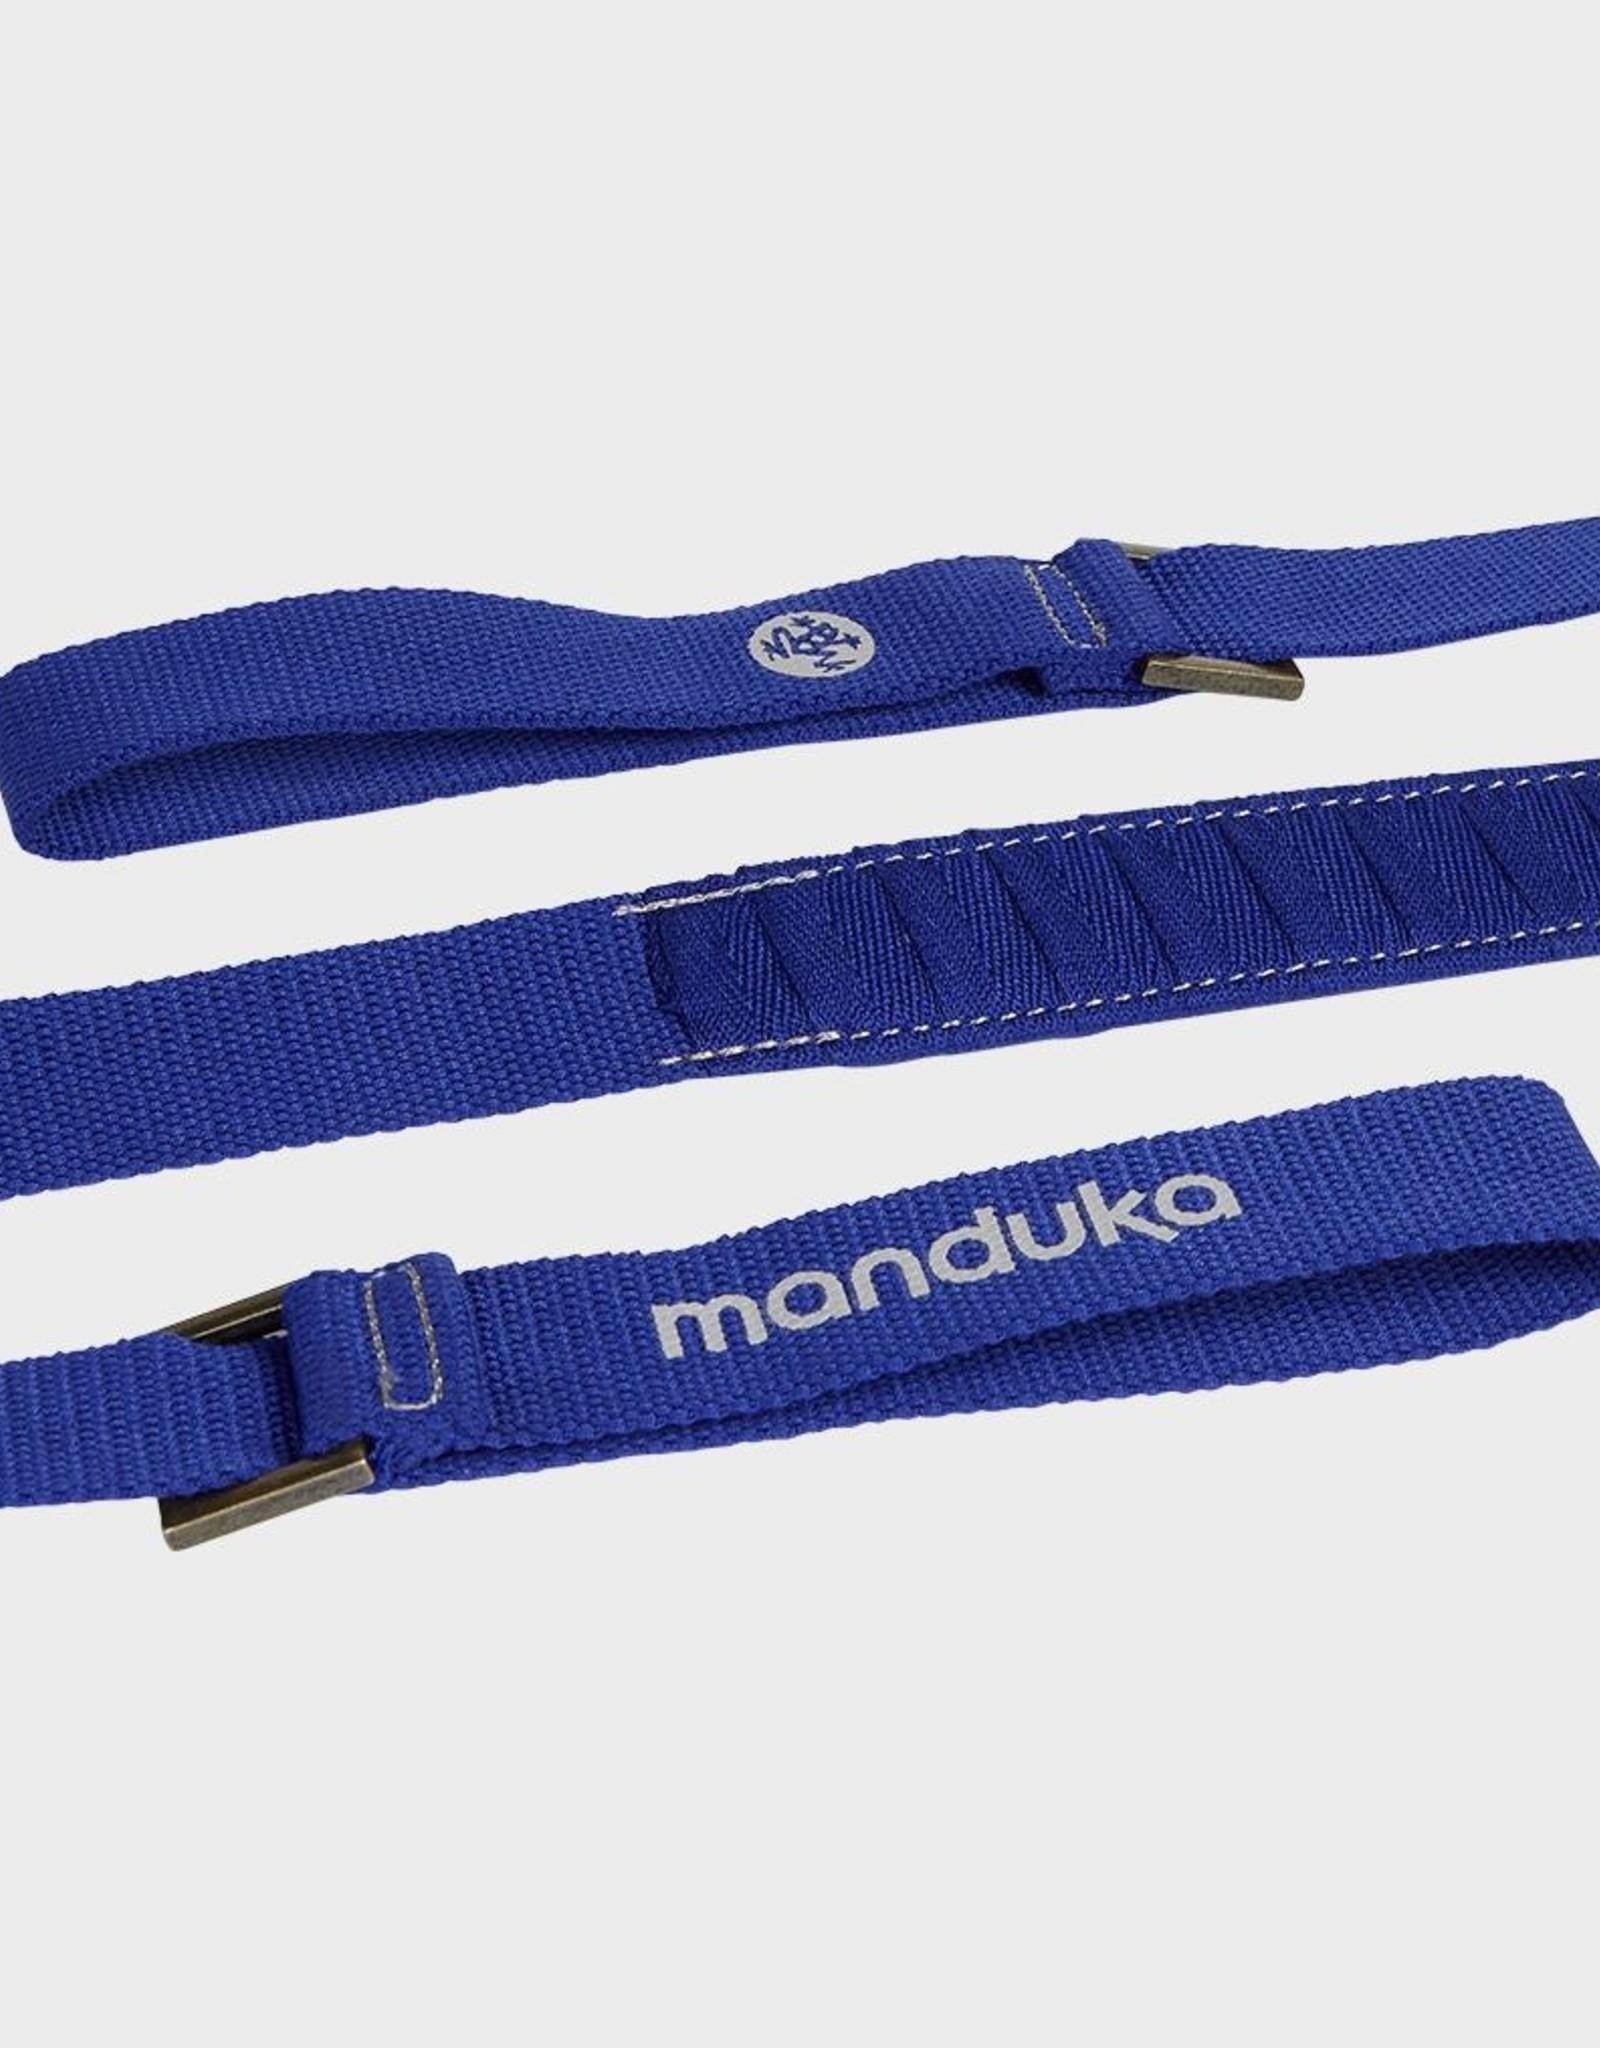 Manduka Commuter Mat Carrier - Surf